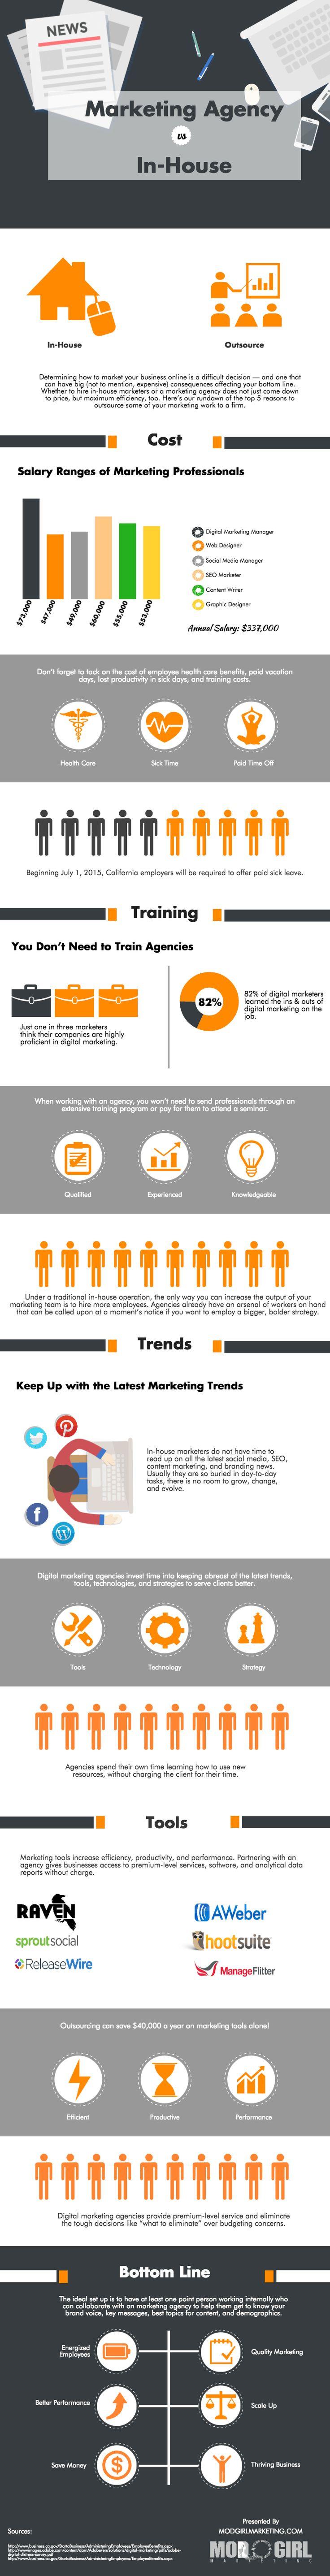 Digital Marketing: In-House vs Agency